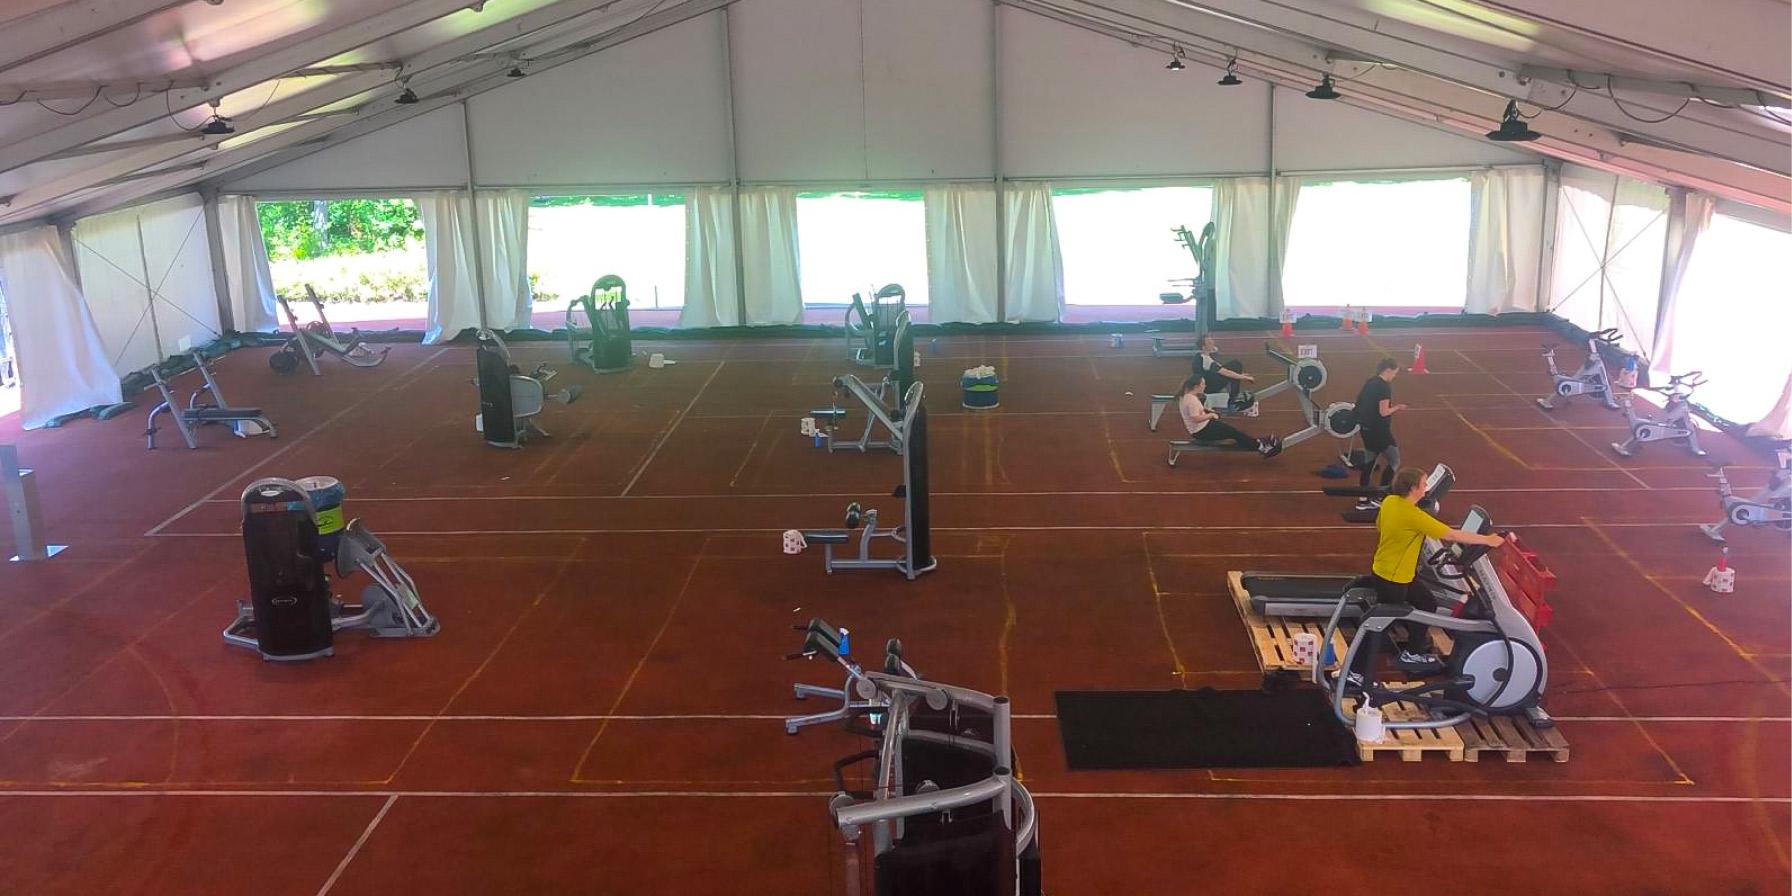 Tijdelijke sporthal Leiden University - Kontent Structures